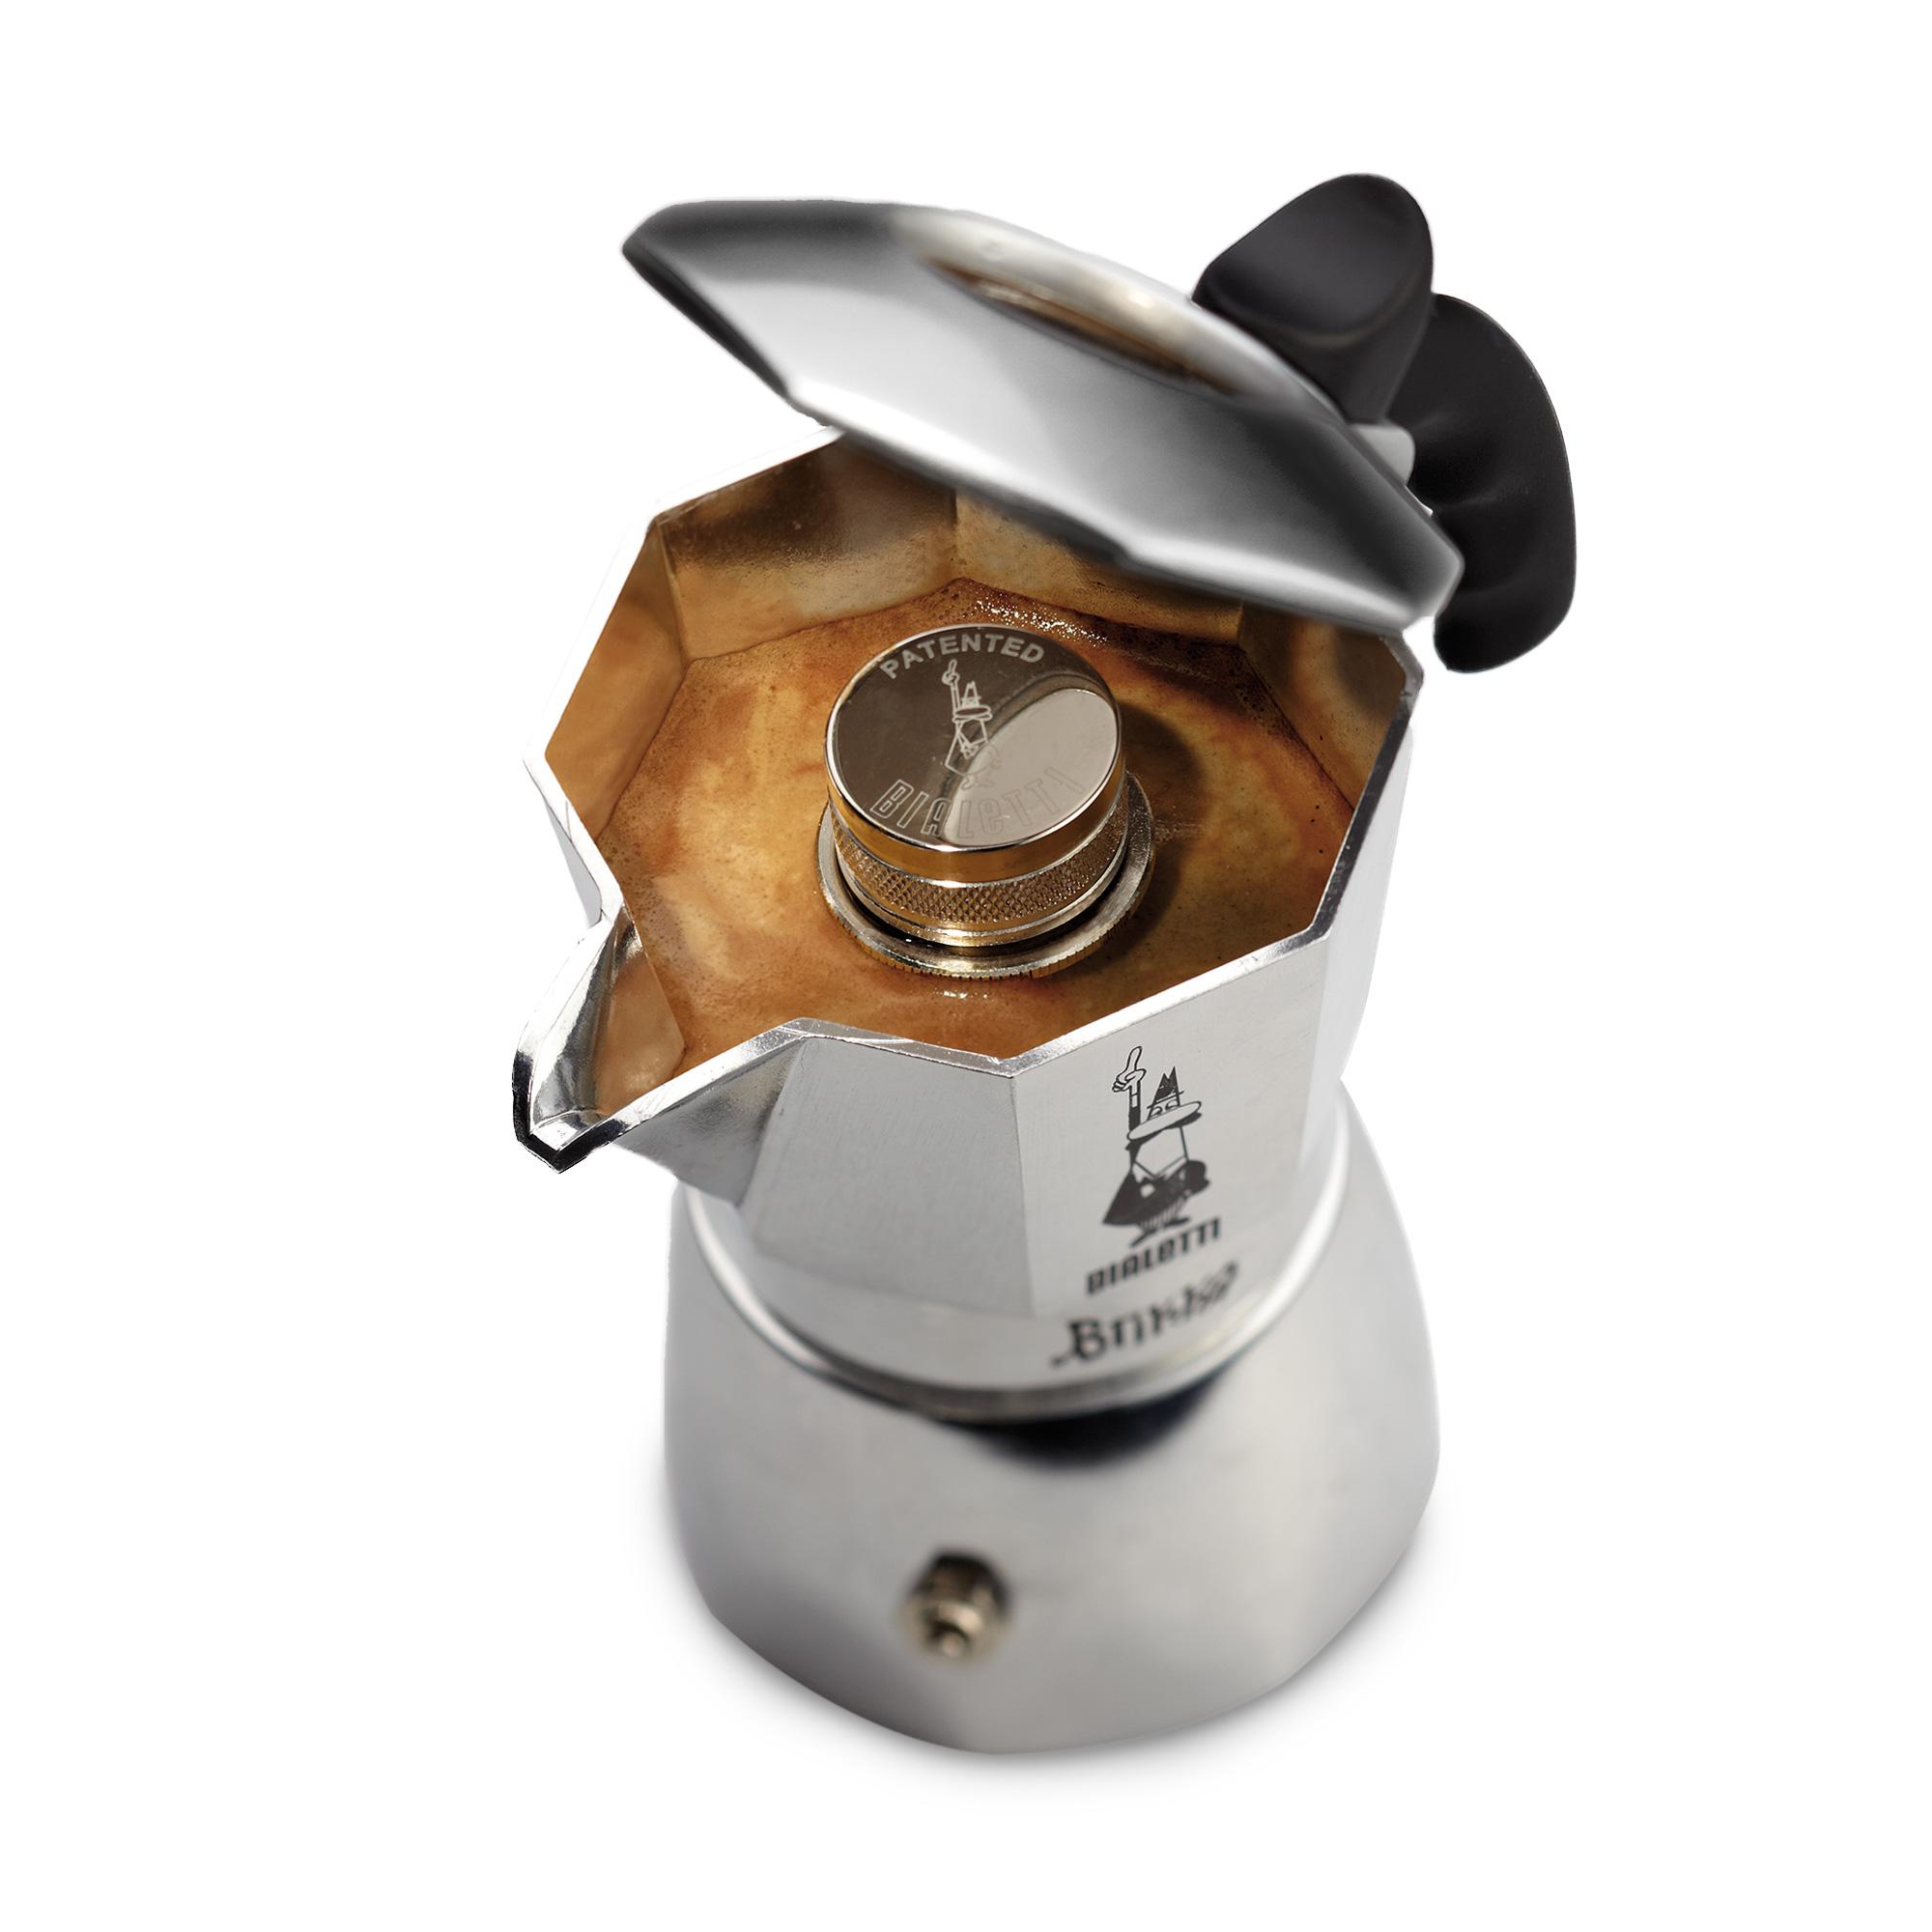 Espressokocher Brikka Elite mit Cremaventil für 4 Tassen - Bialetti | {Espressokocher 18}